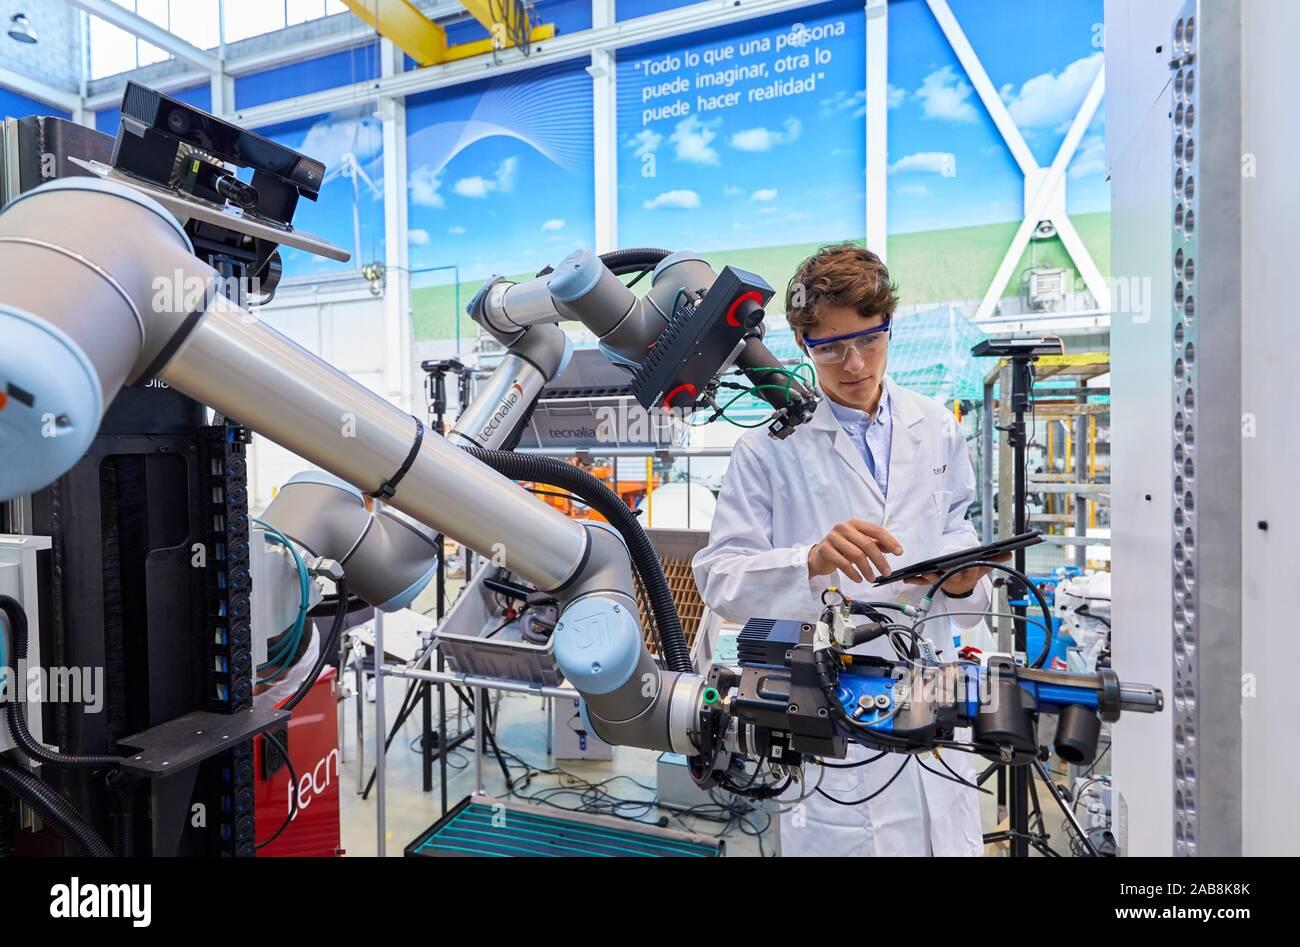 Uso de la Robótica flexible en procesos de fabricación industrial, robot móvil, unidad de fabricación avanzada, Centro Tecnológico, Tecnalia Research & Foto de stock